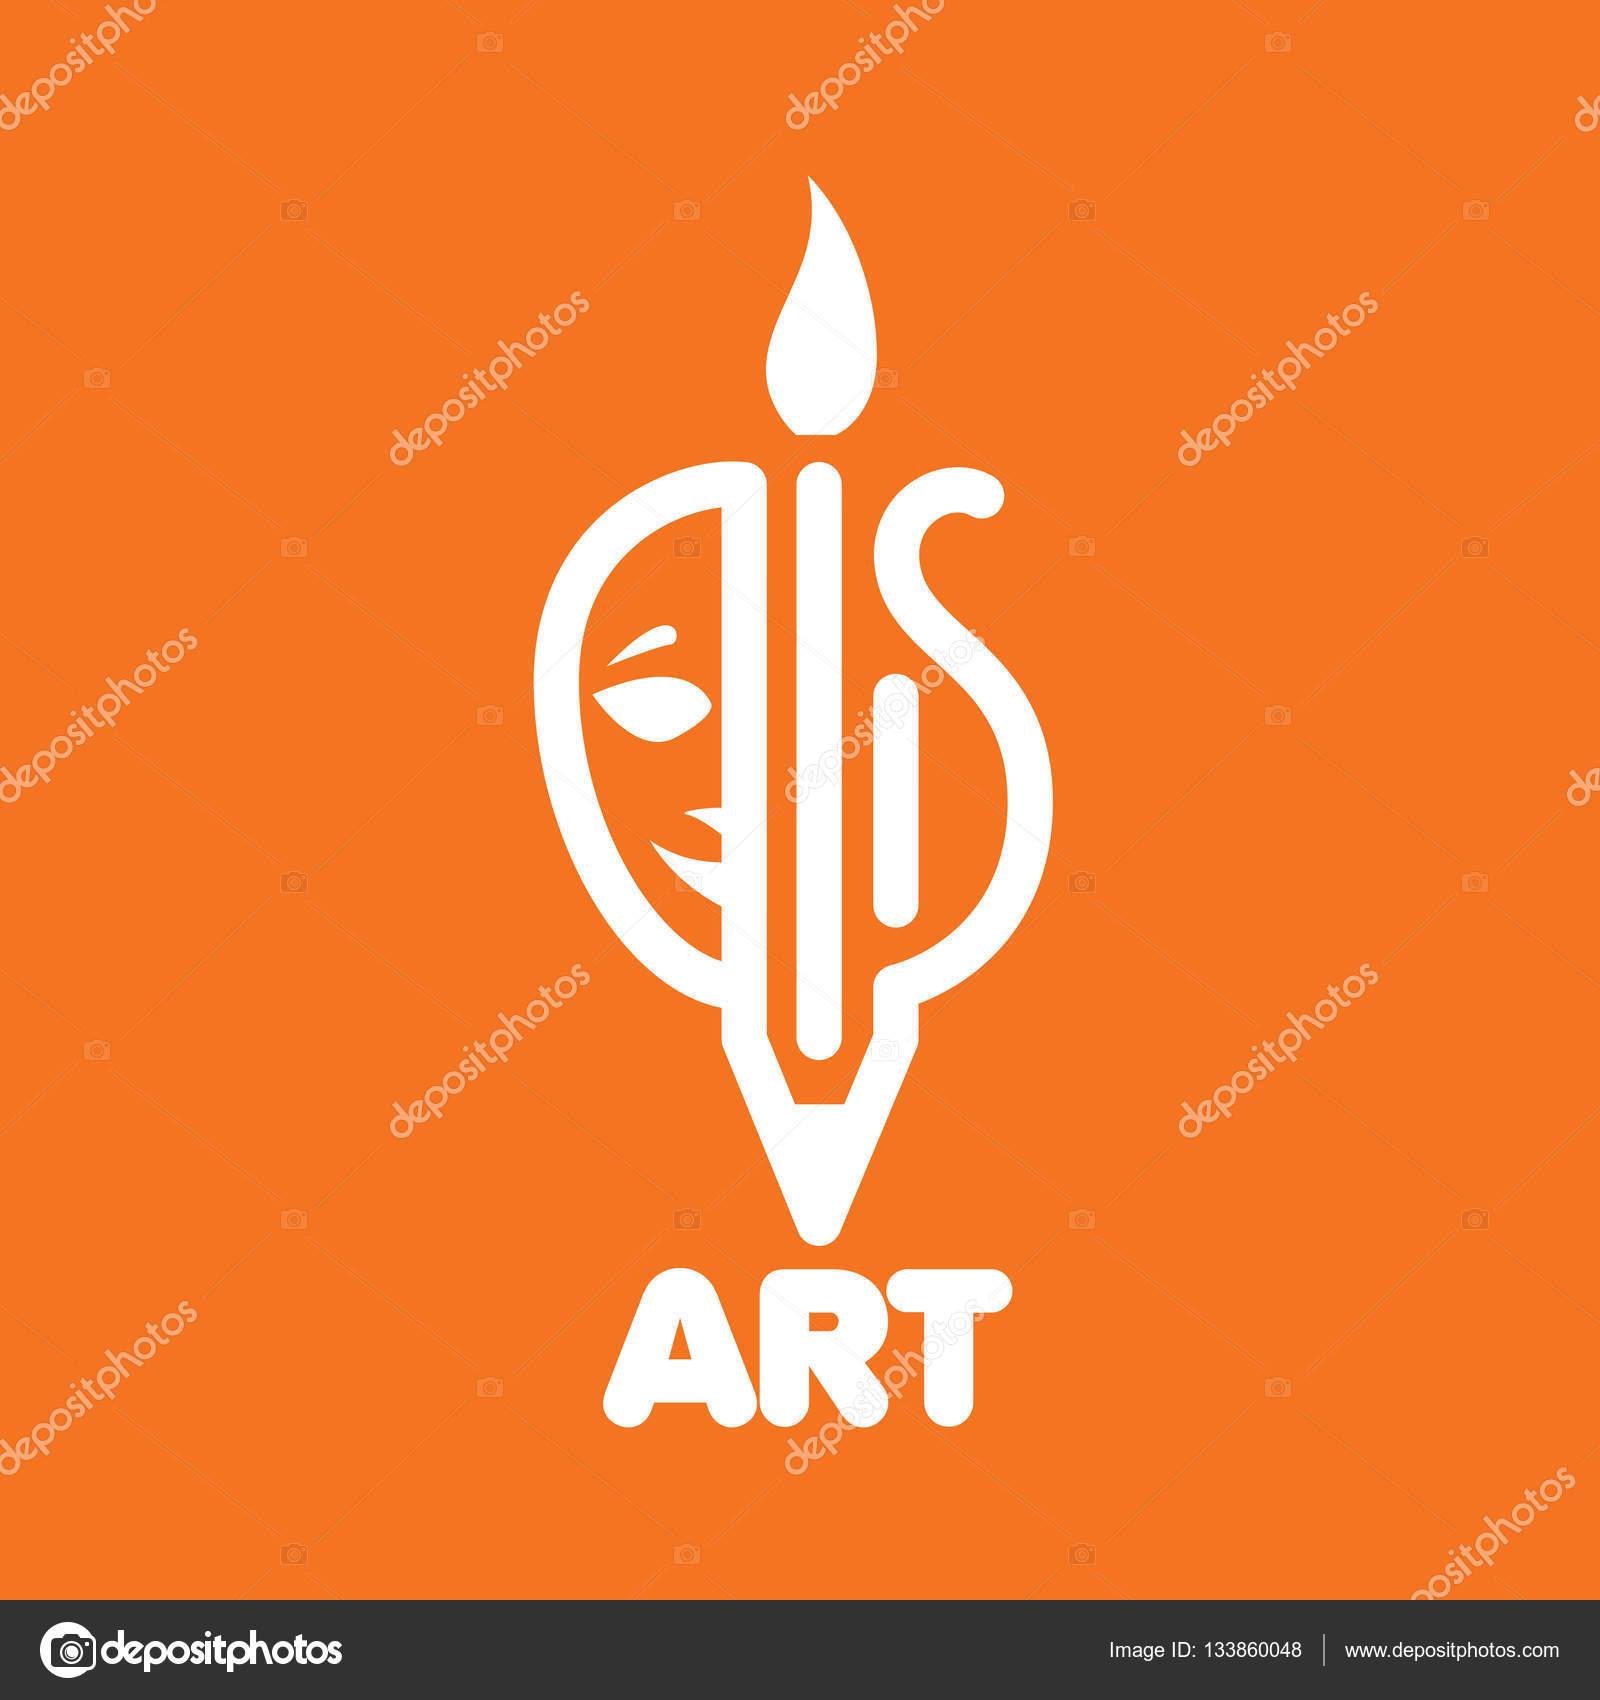 эмблемы искусства картинки